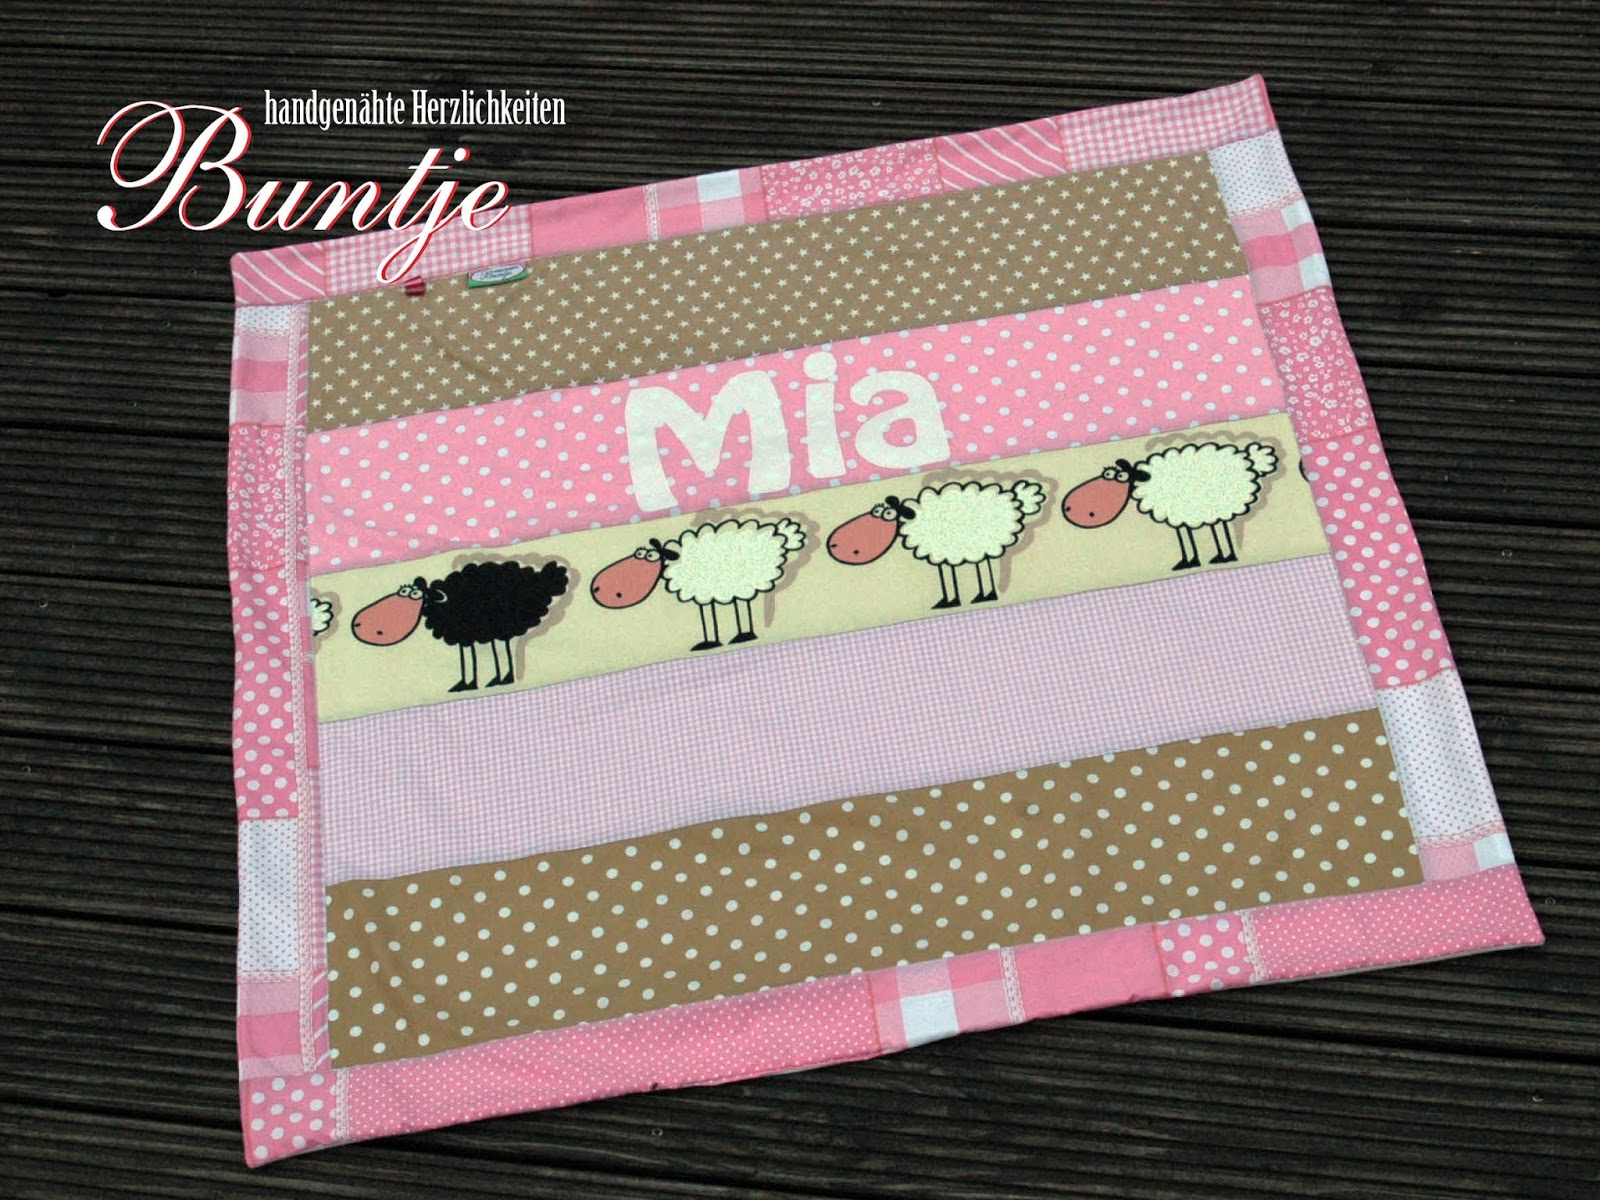 Kuscheldecke Decke Puckdecke Baby Mädchen Name Geschenk Geburt Taufe Geburtstag rosa beige Mia Baumwolle Fleece kuschelig nähen Buntje